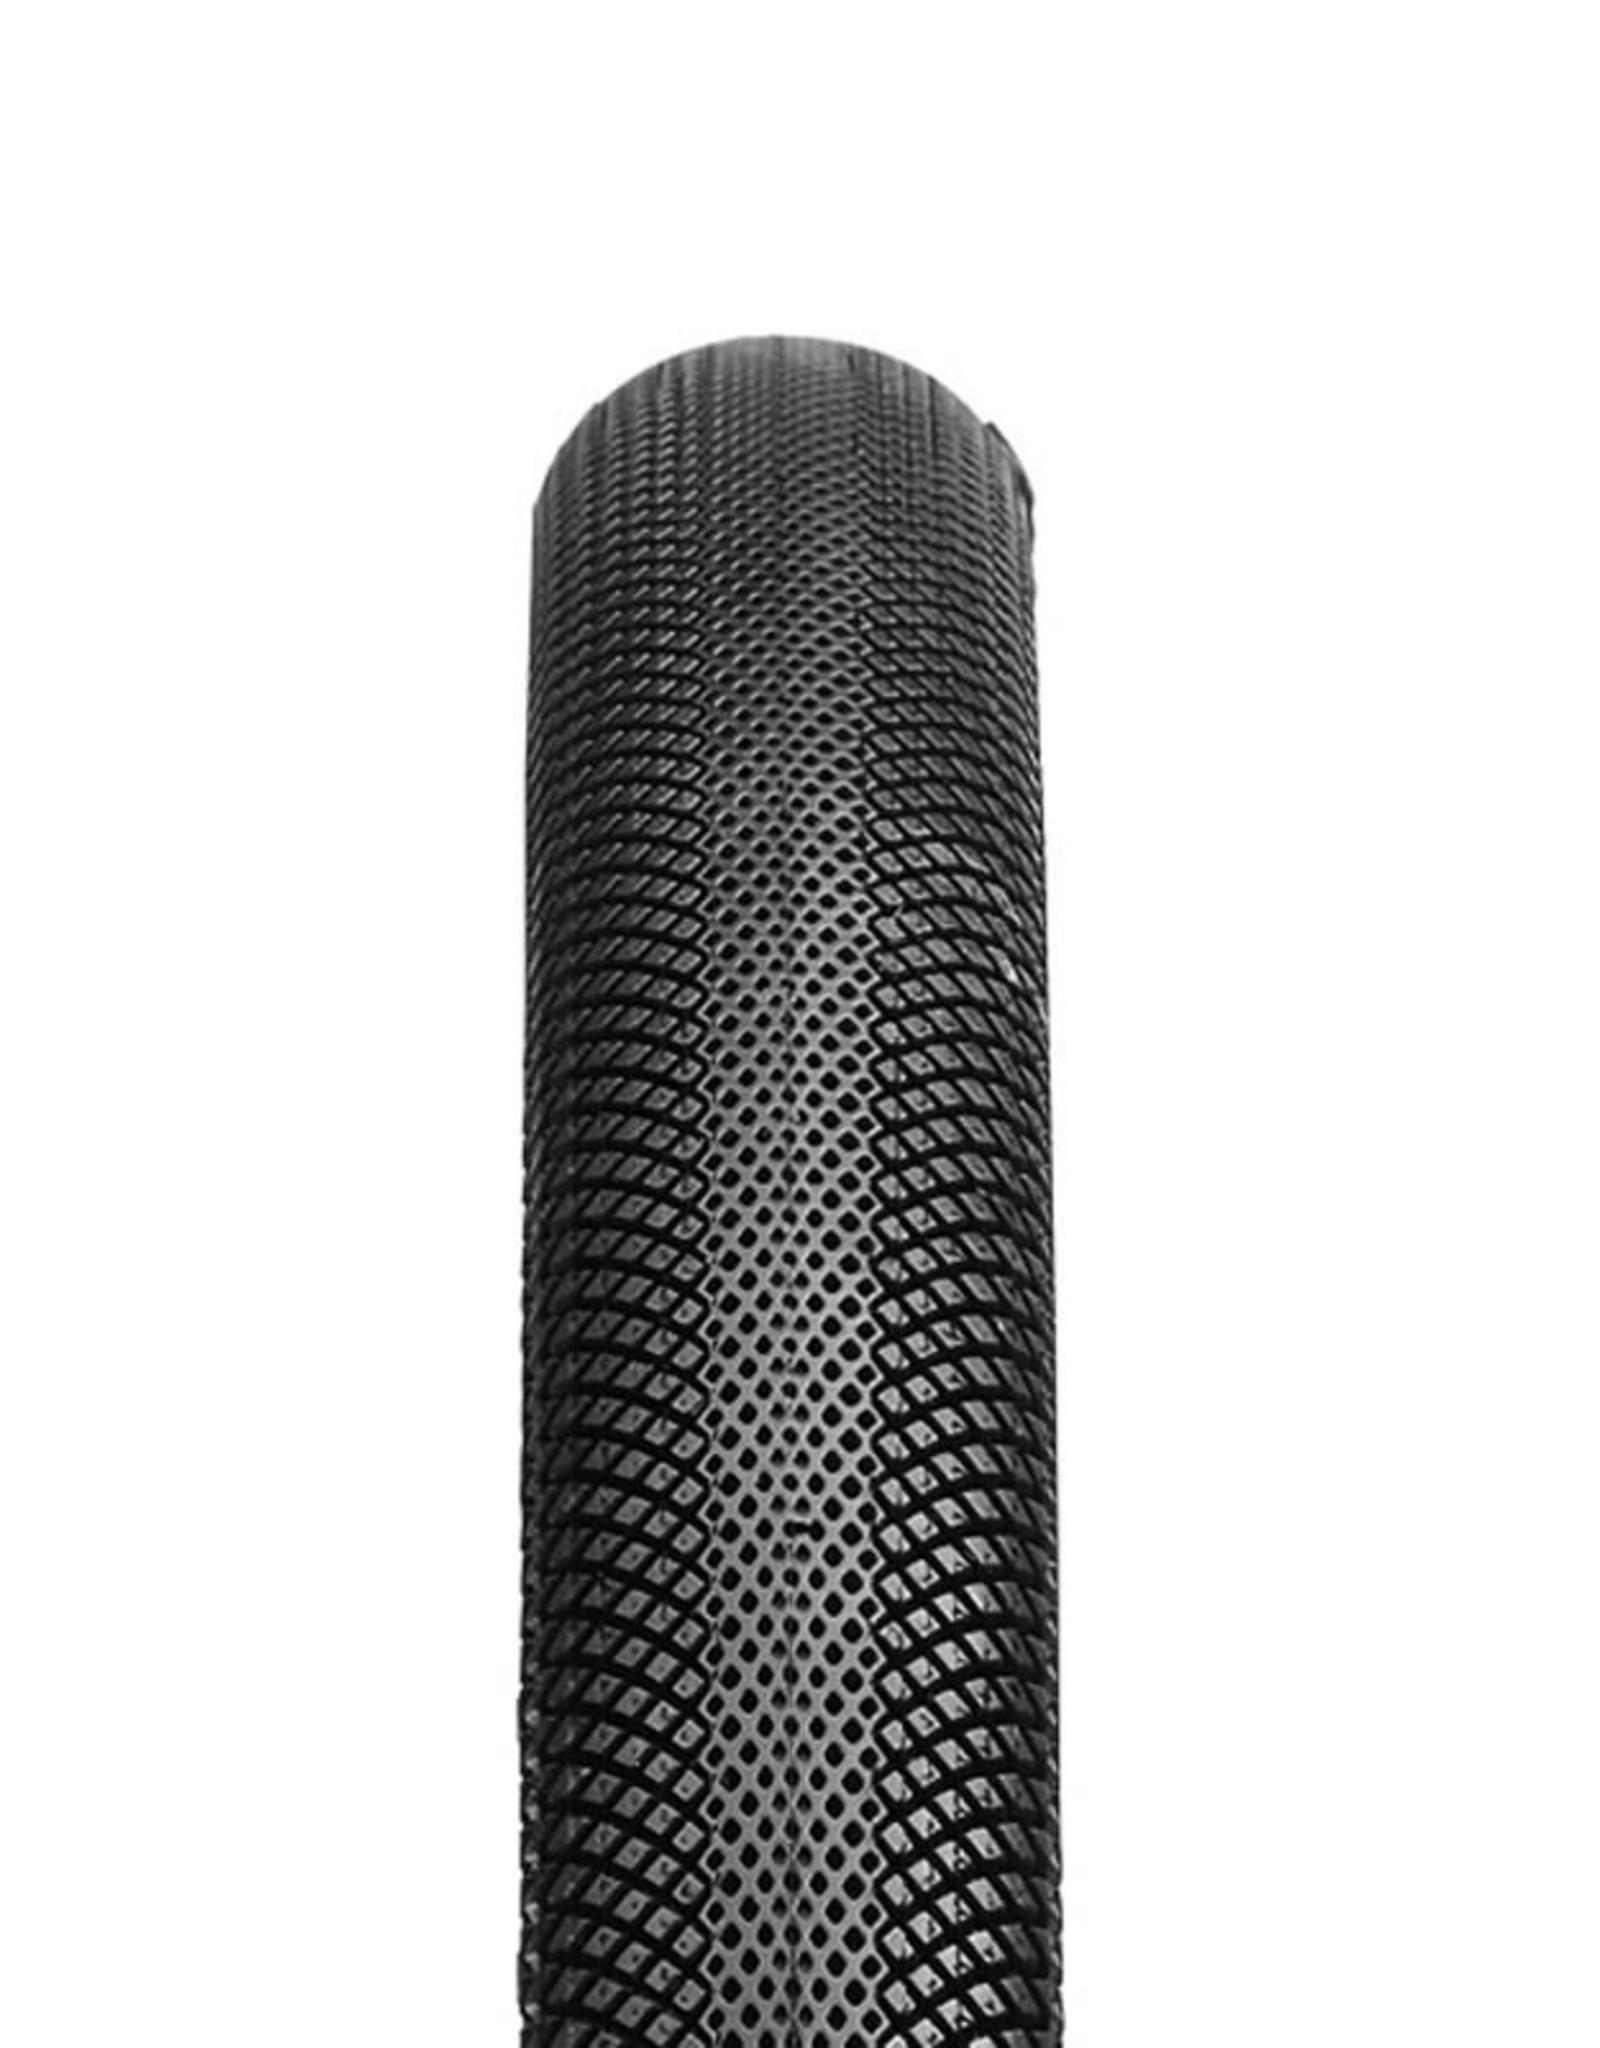 Vee Rubber VEE RubberTIRE CO Speedster 27.5x3.0